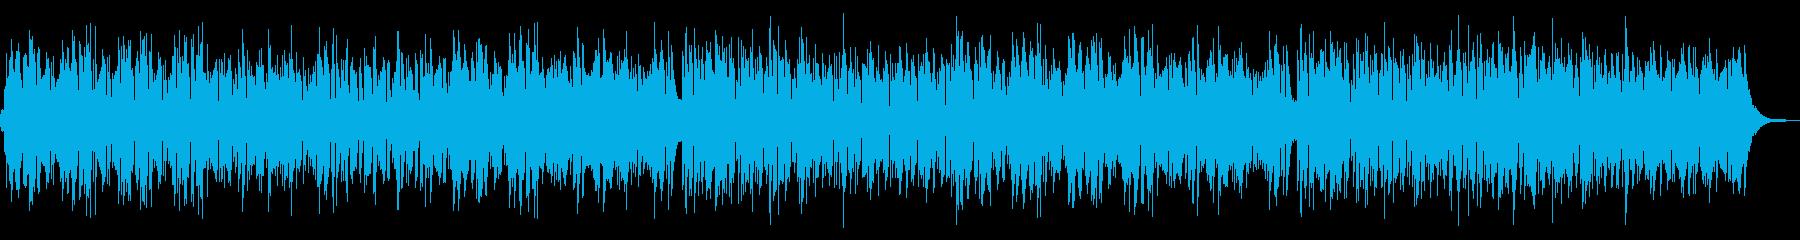 日常のBGMにぴったりな楽曲の再生済みの波形